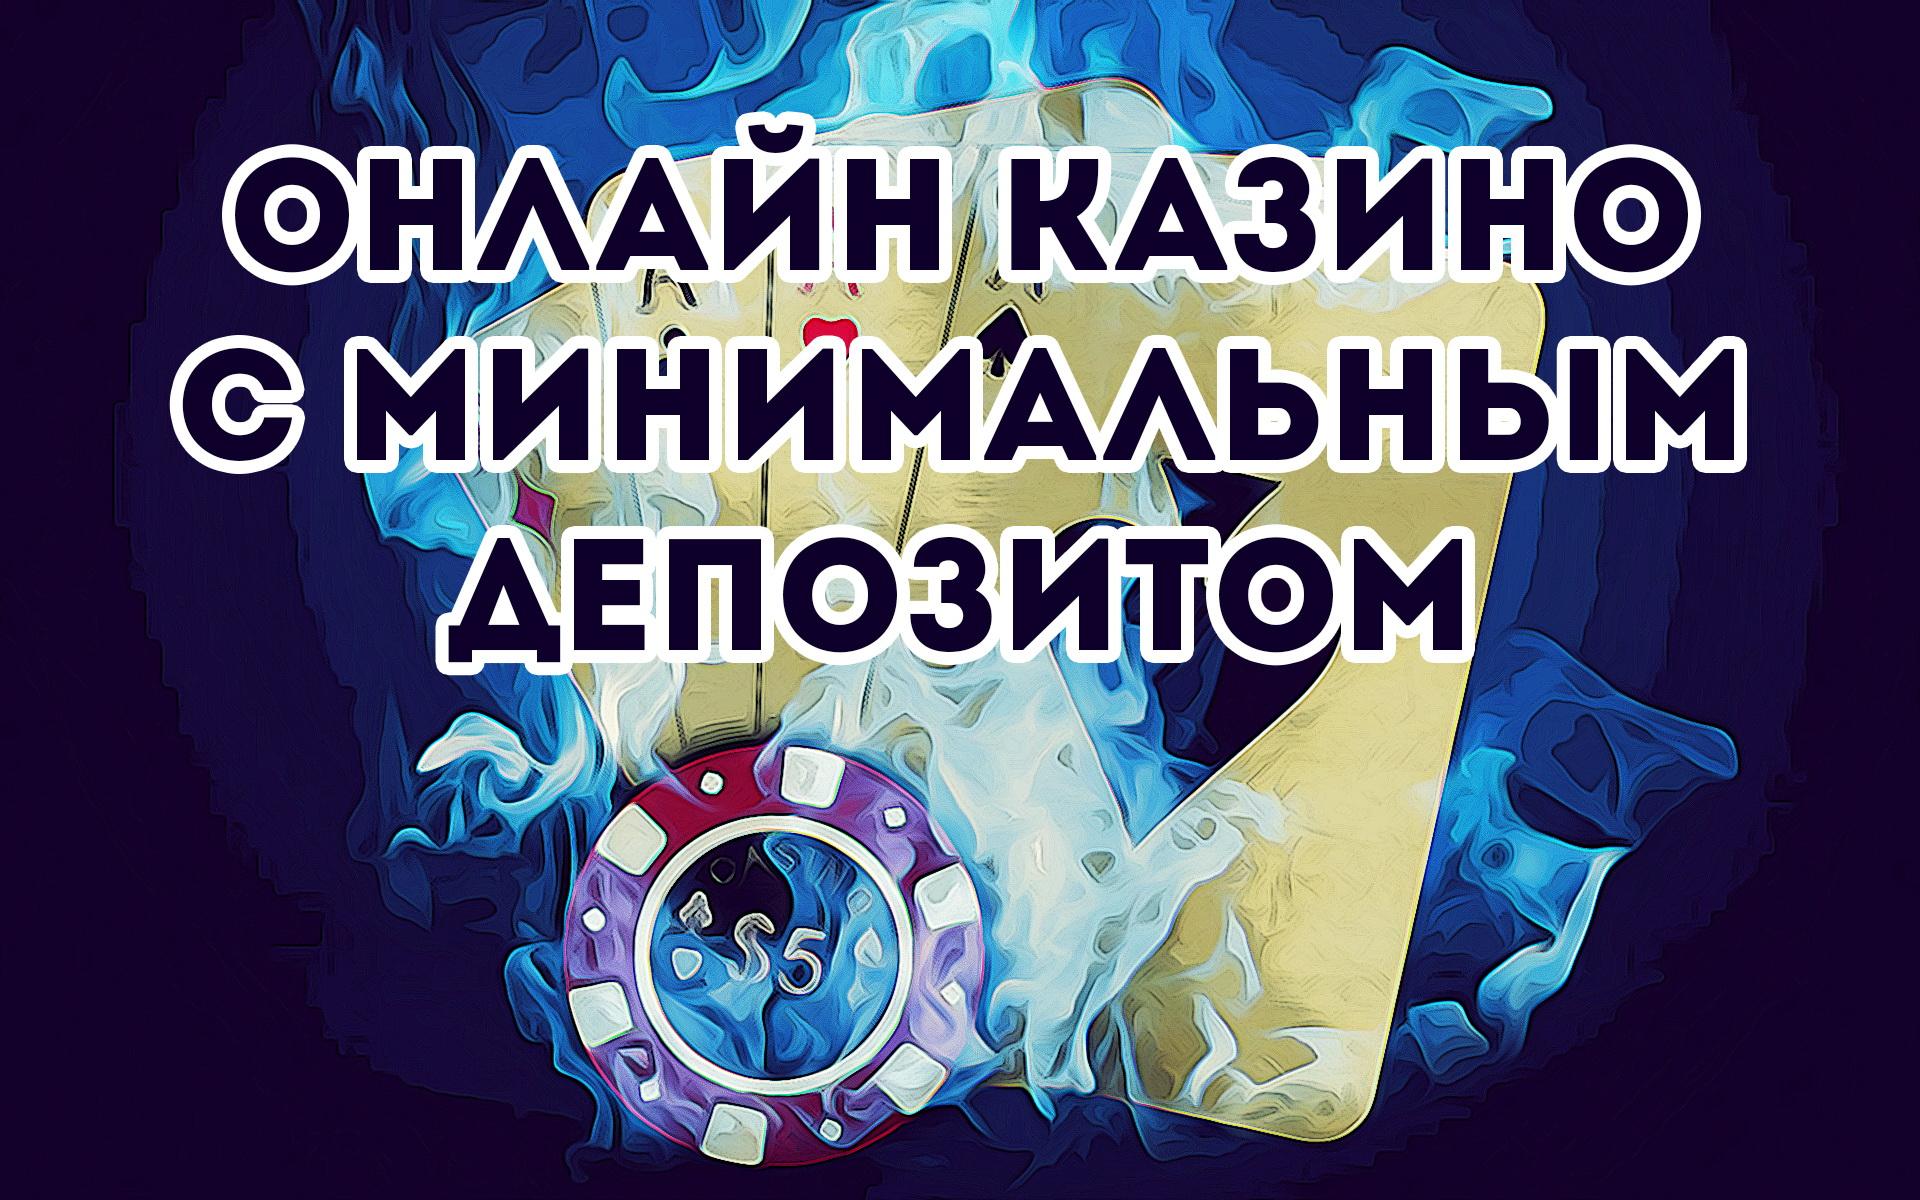 европа казино отзывы игроков